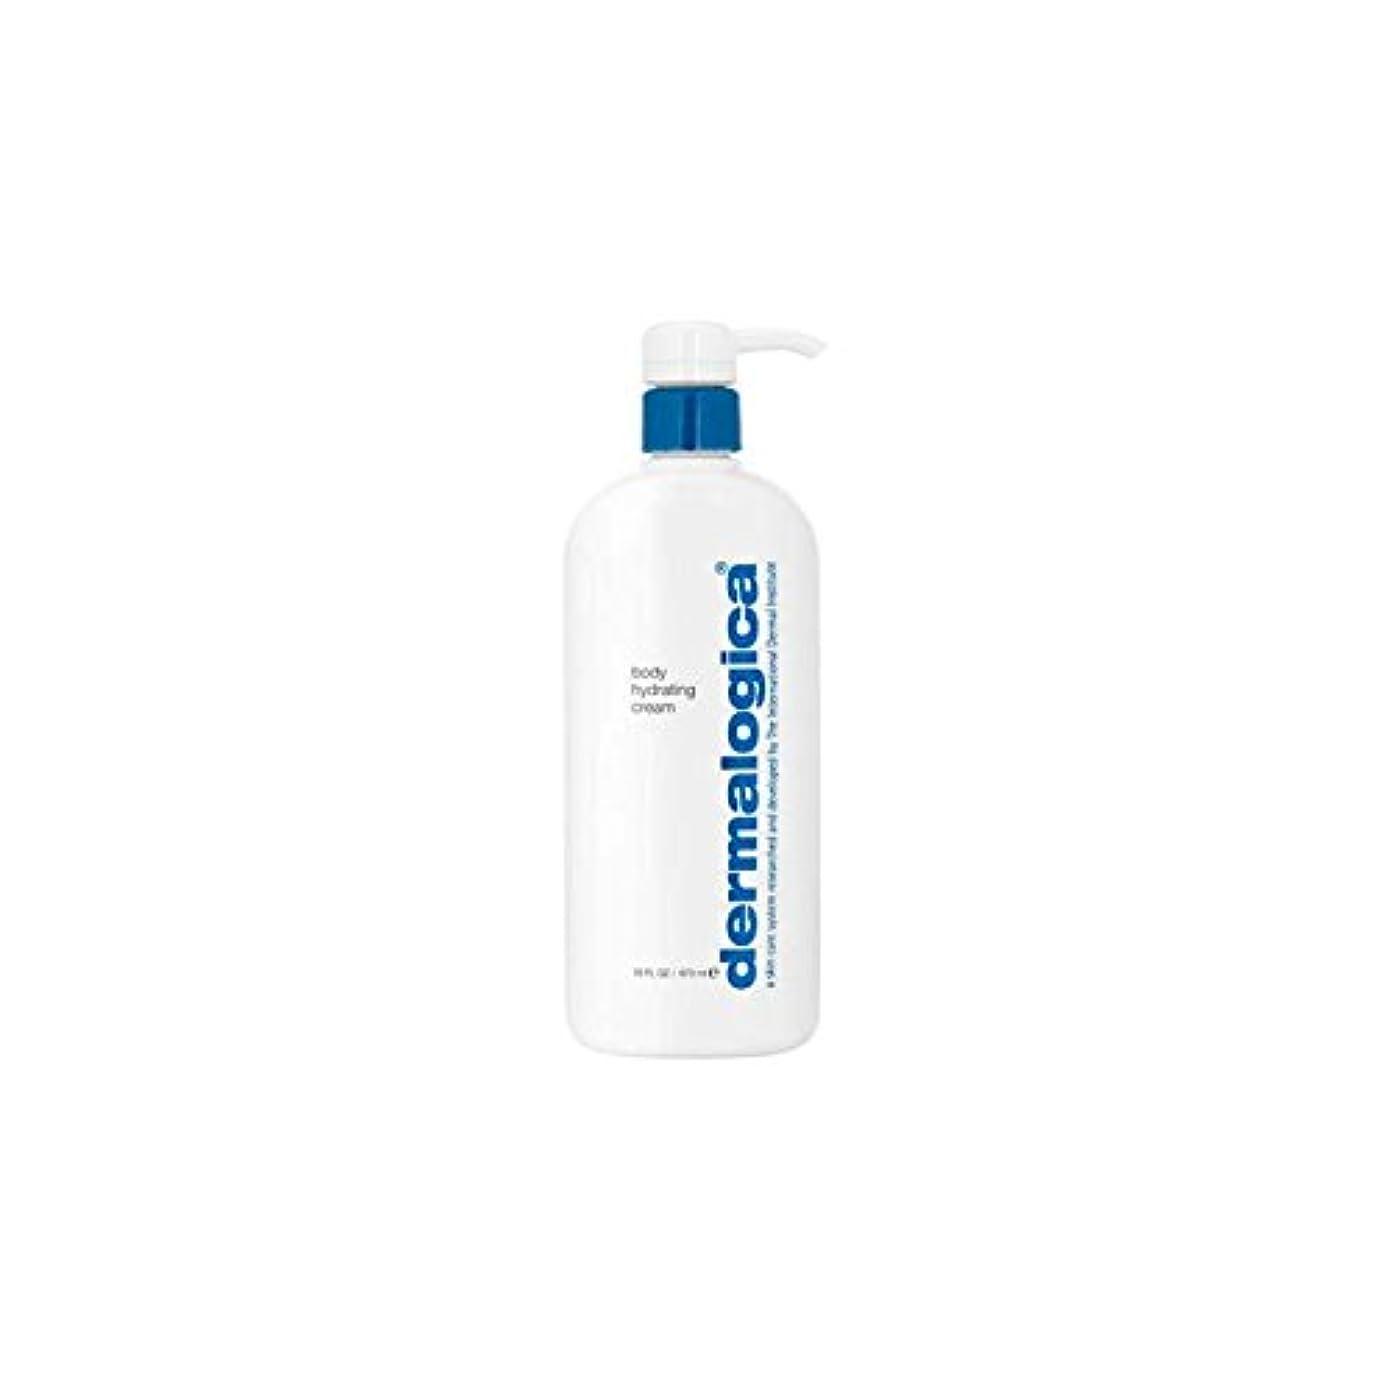 放牧するぎこちない家庭[Dermalogica ] ダーマロジカボディハイドレイティングクリーム(473ミリリットル) - Dermalogica Body Hydrating Cream (473ml) [並行輸入品]